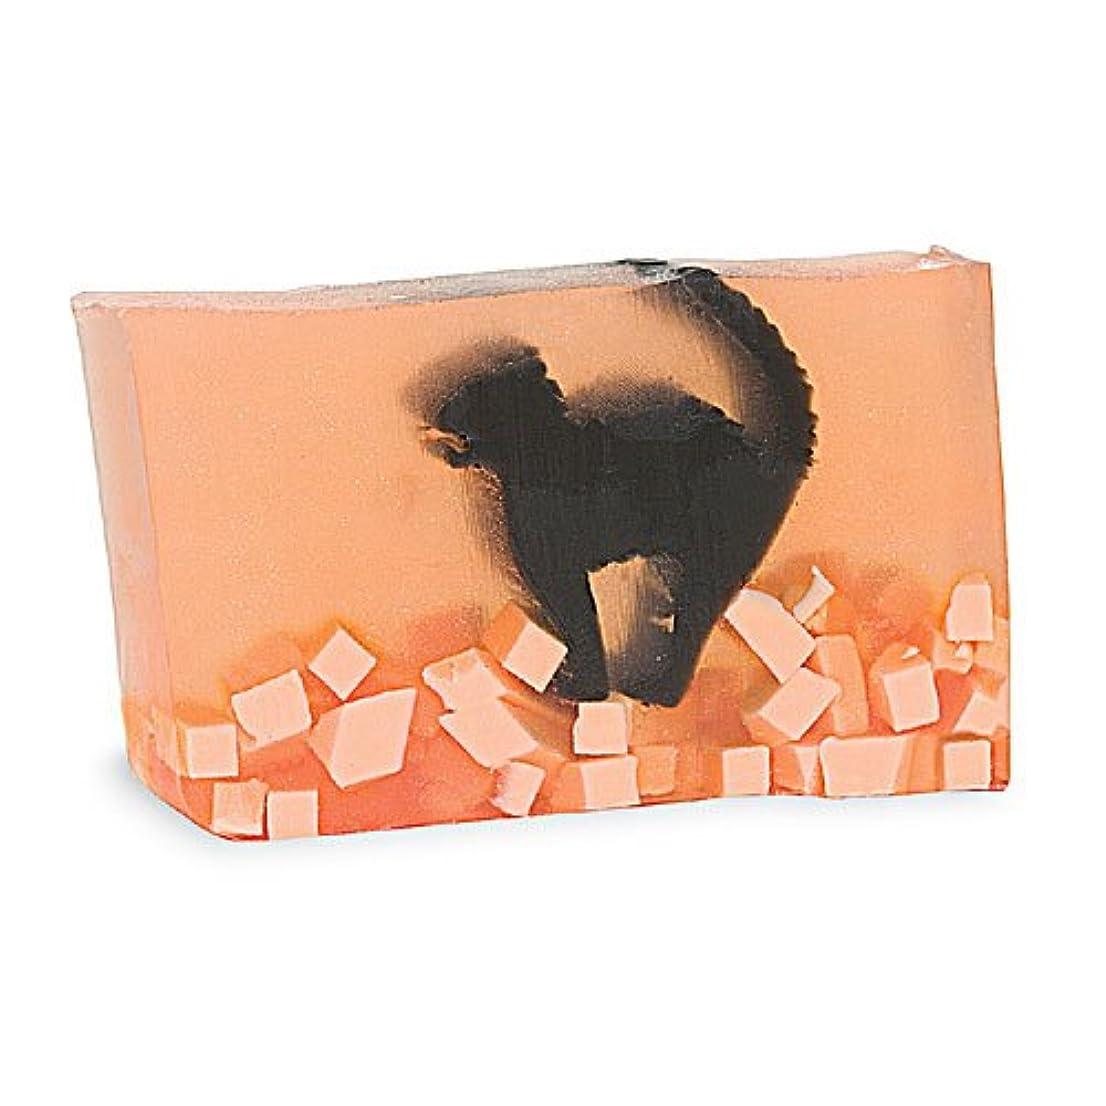 メロディープロフェッショナル便益プライモールエレメンツ アロマティック ソープ スケアディキャット 180g ハロウィンにおすすめ植物性のナチュラル石鹸